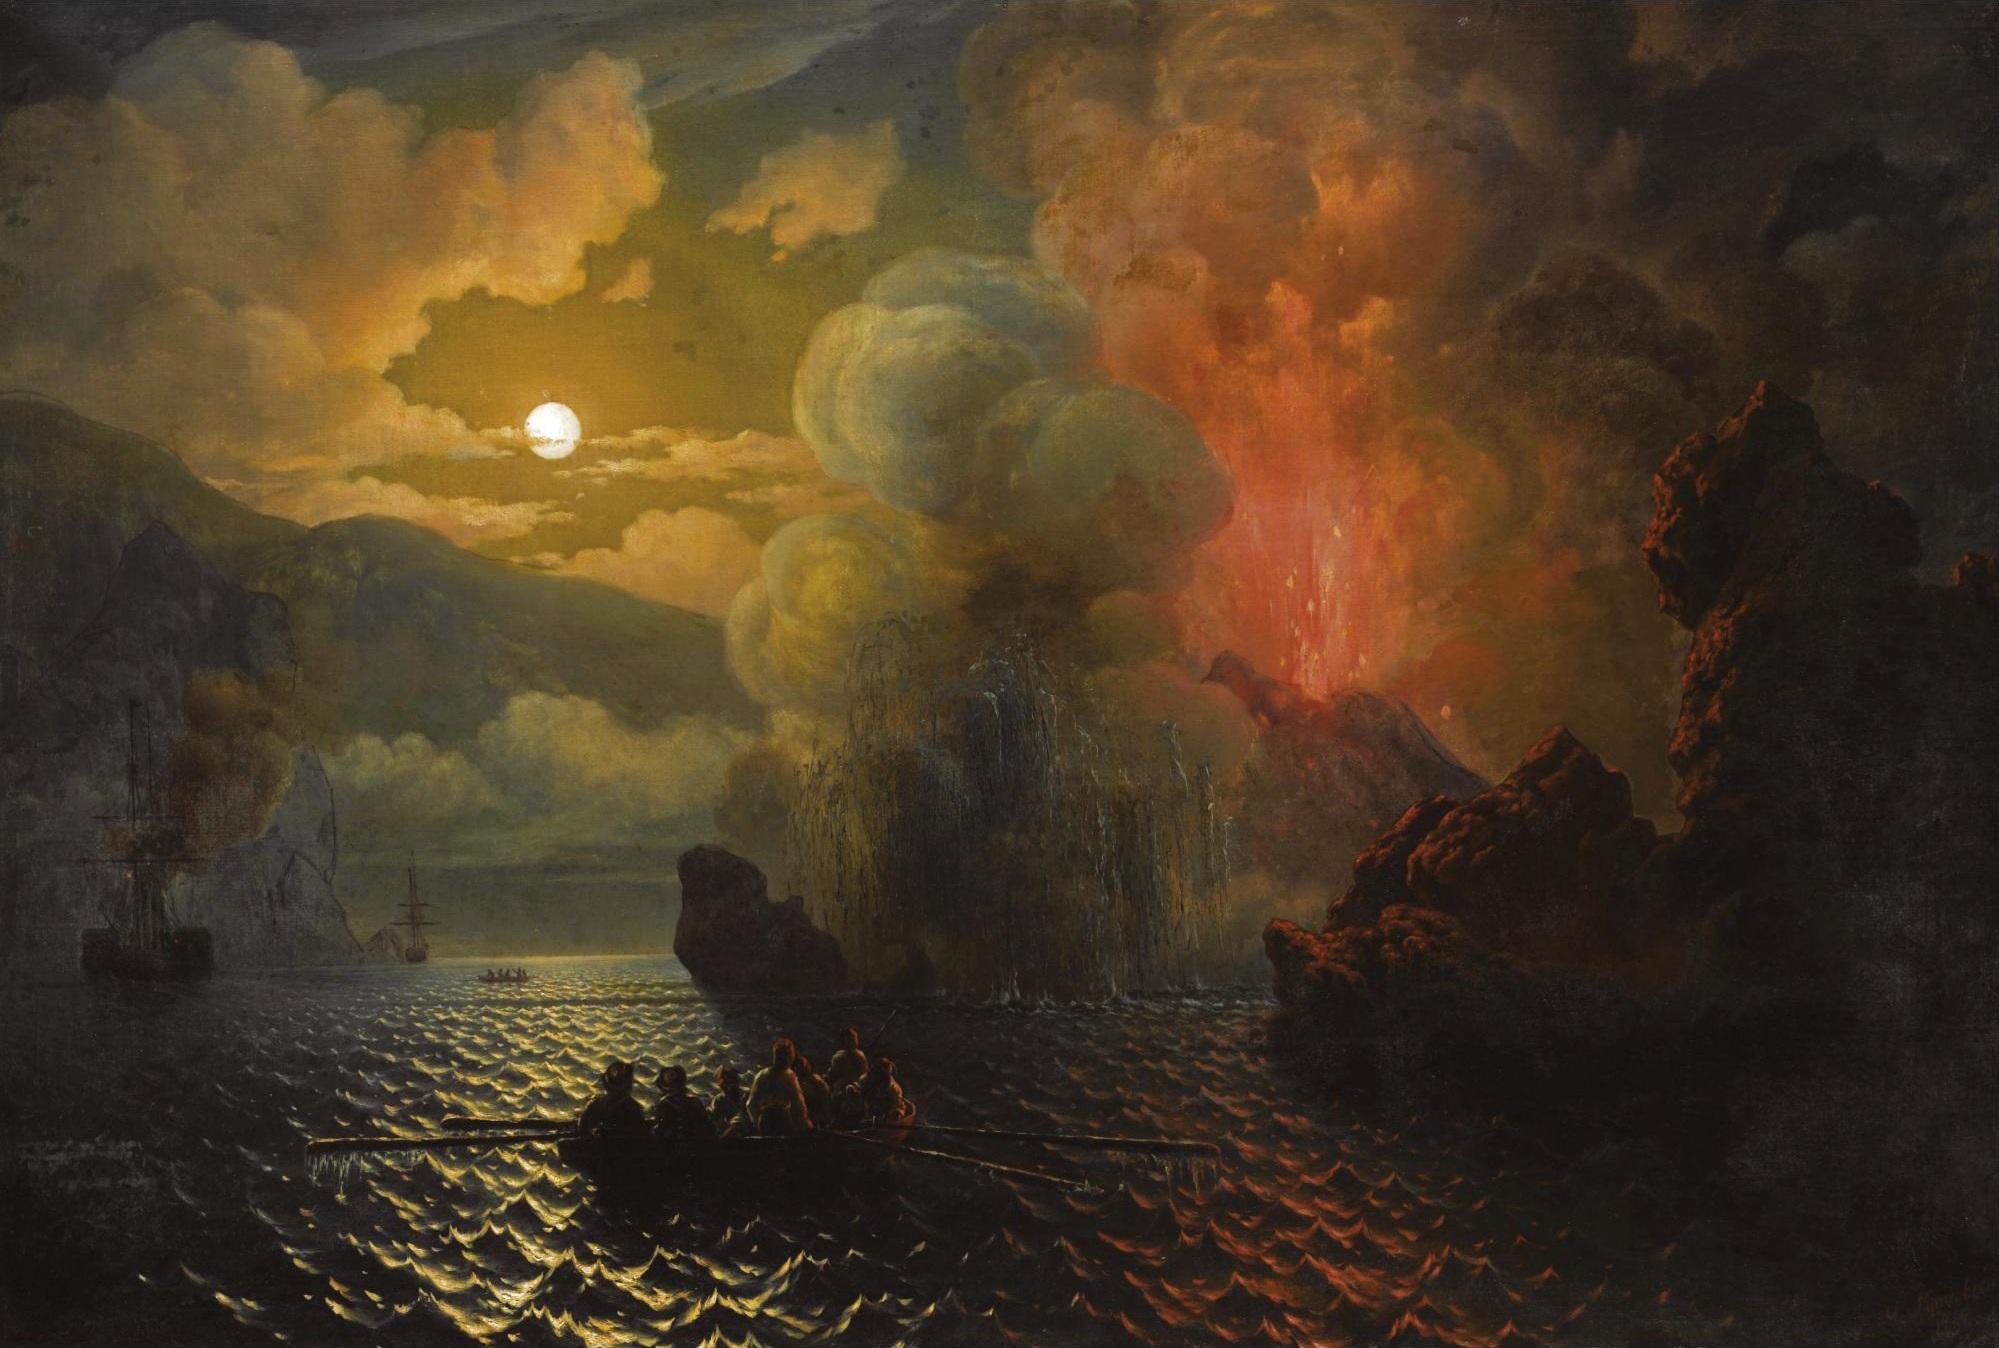 File:Николай Павлович Красовский - Побег из извержение вулкана.jpg